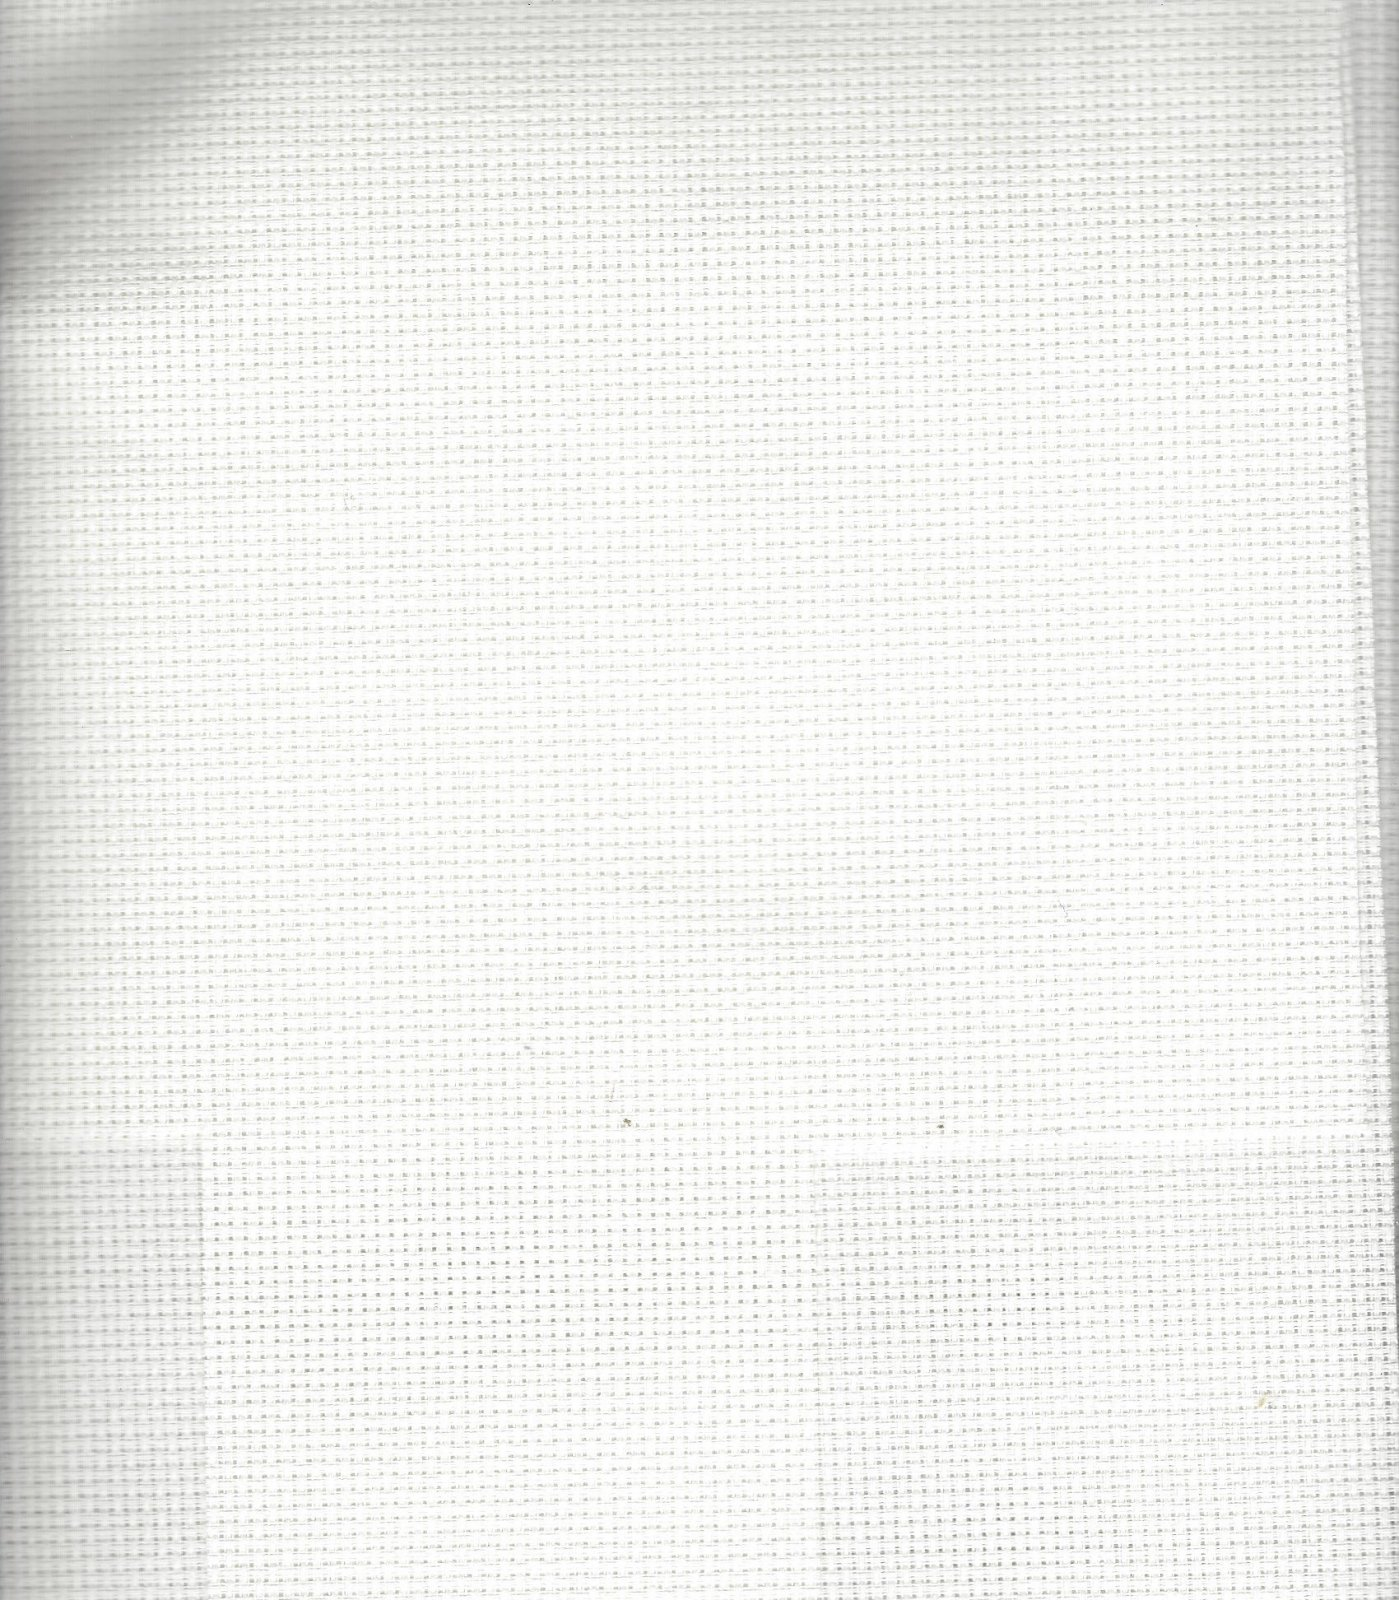 Aida 11ct Antique White